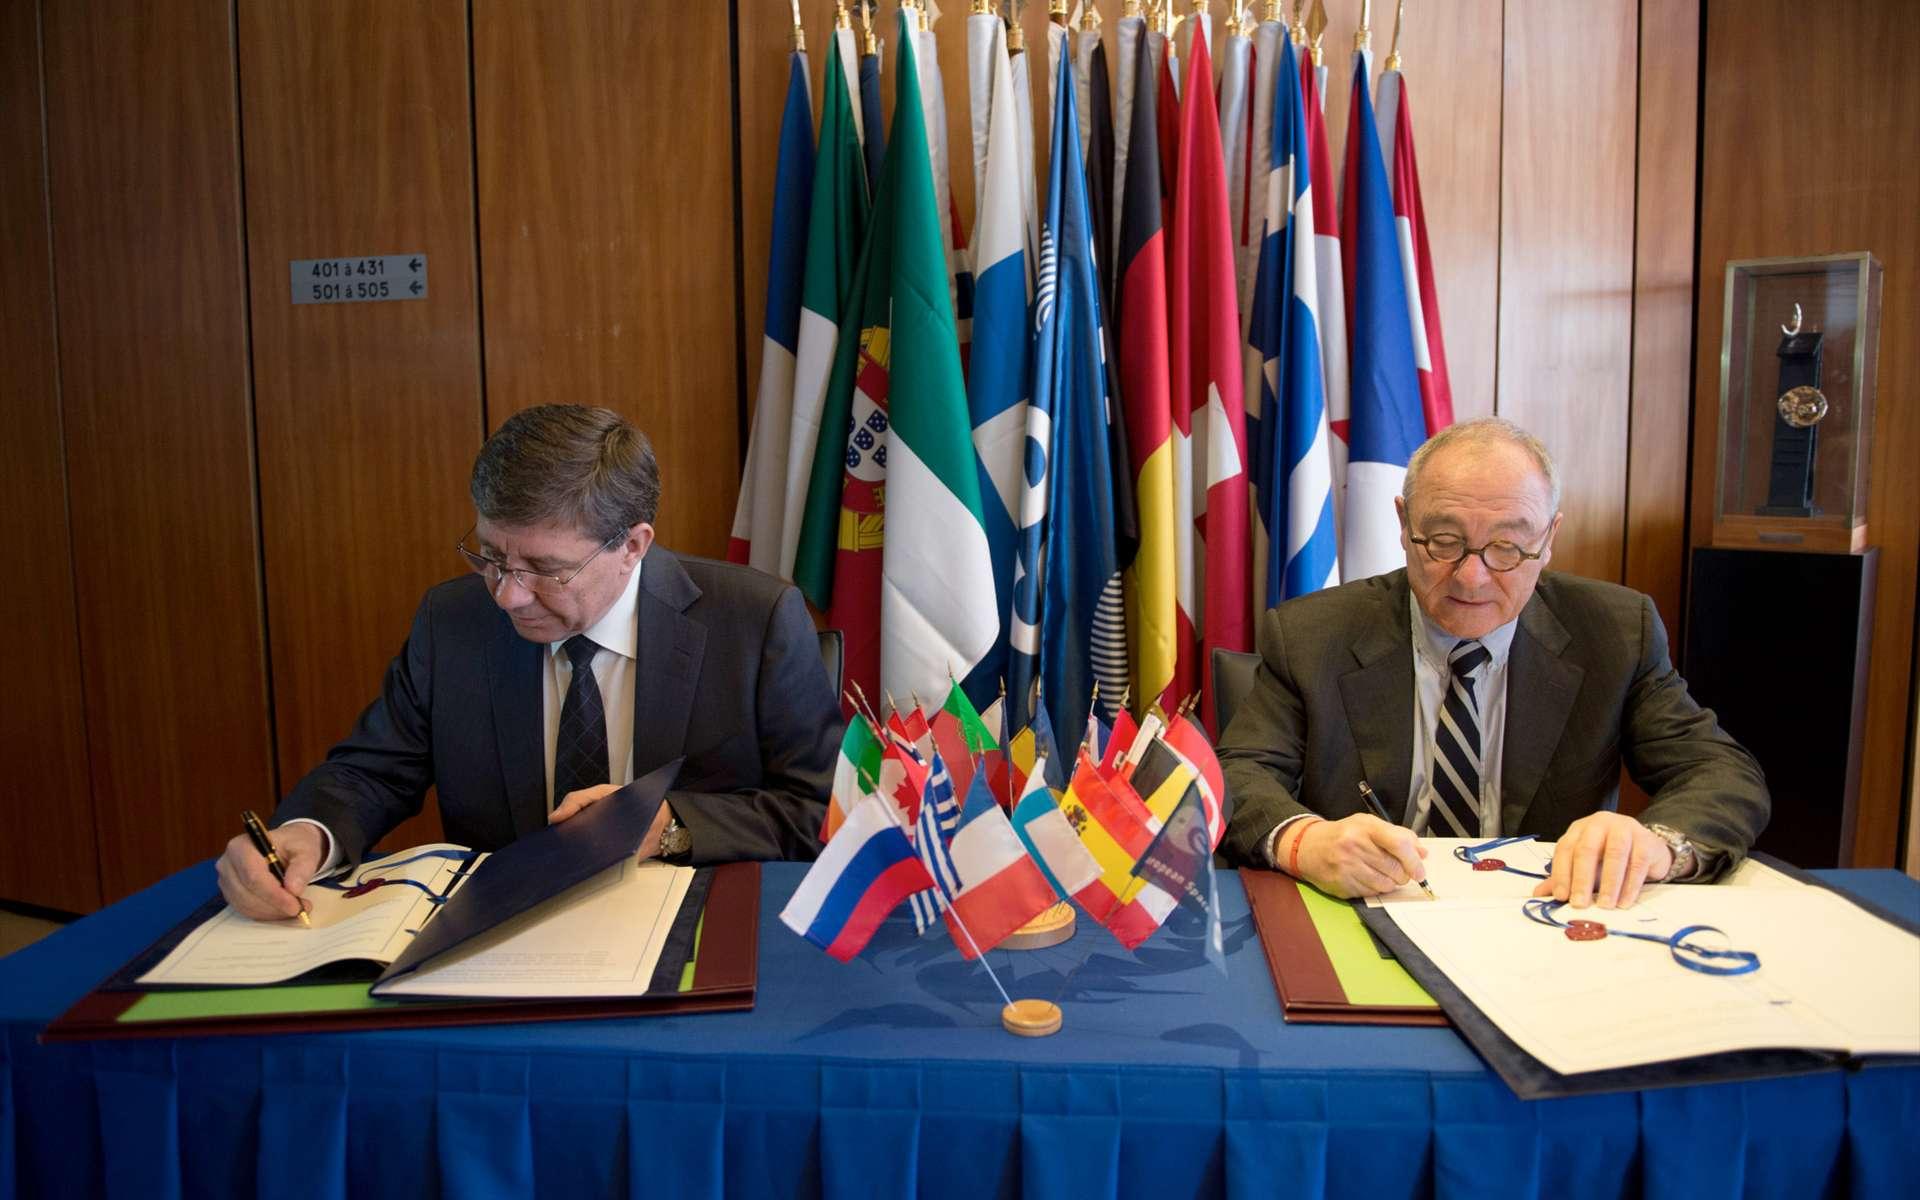 Signature de l'accord officiel de partenariat portant sur le programme ExoMars entre le Jean-Jacques Dordain, directeur de l'Esa (à droite), et Vladimir Popovkin, celui de Roscosmos. © Esa